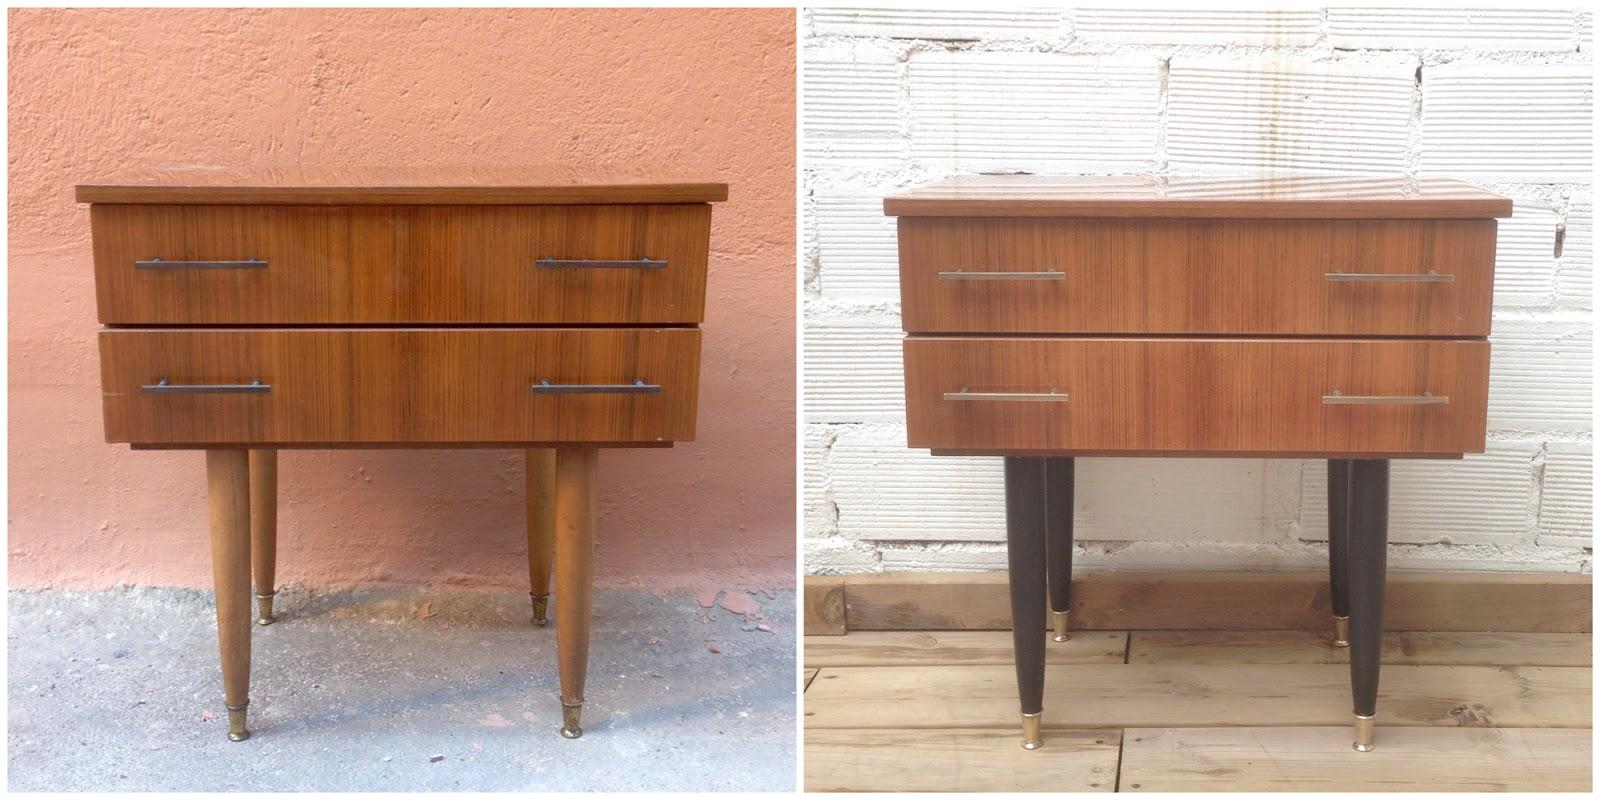 Antes y después - mesita de noche restaurada y pintada - Studio Alis